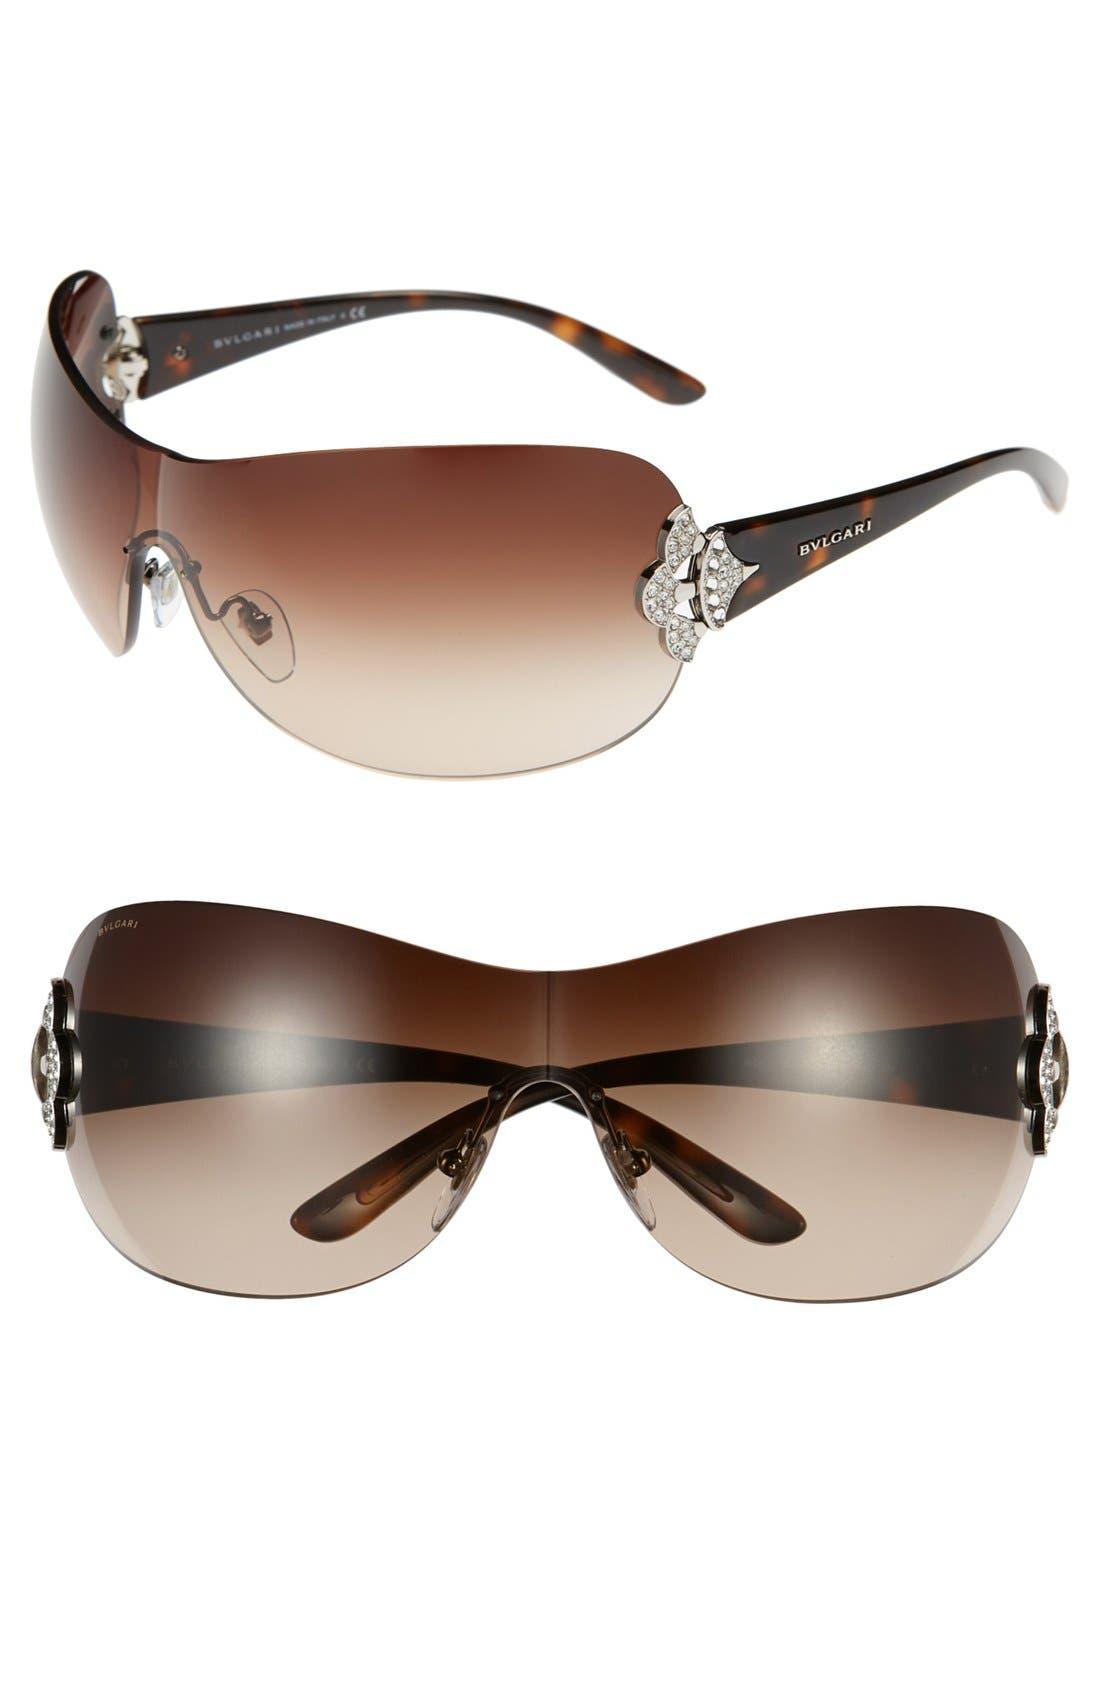 Main Image - BVLGARI 60mm Shield Sunglasses